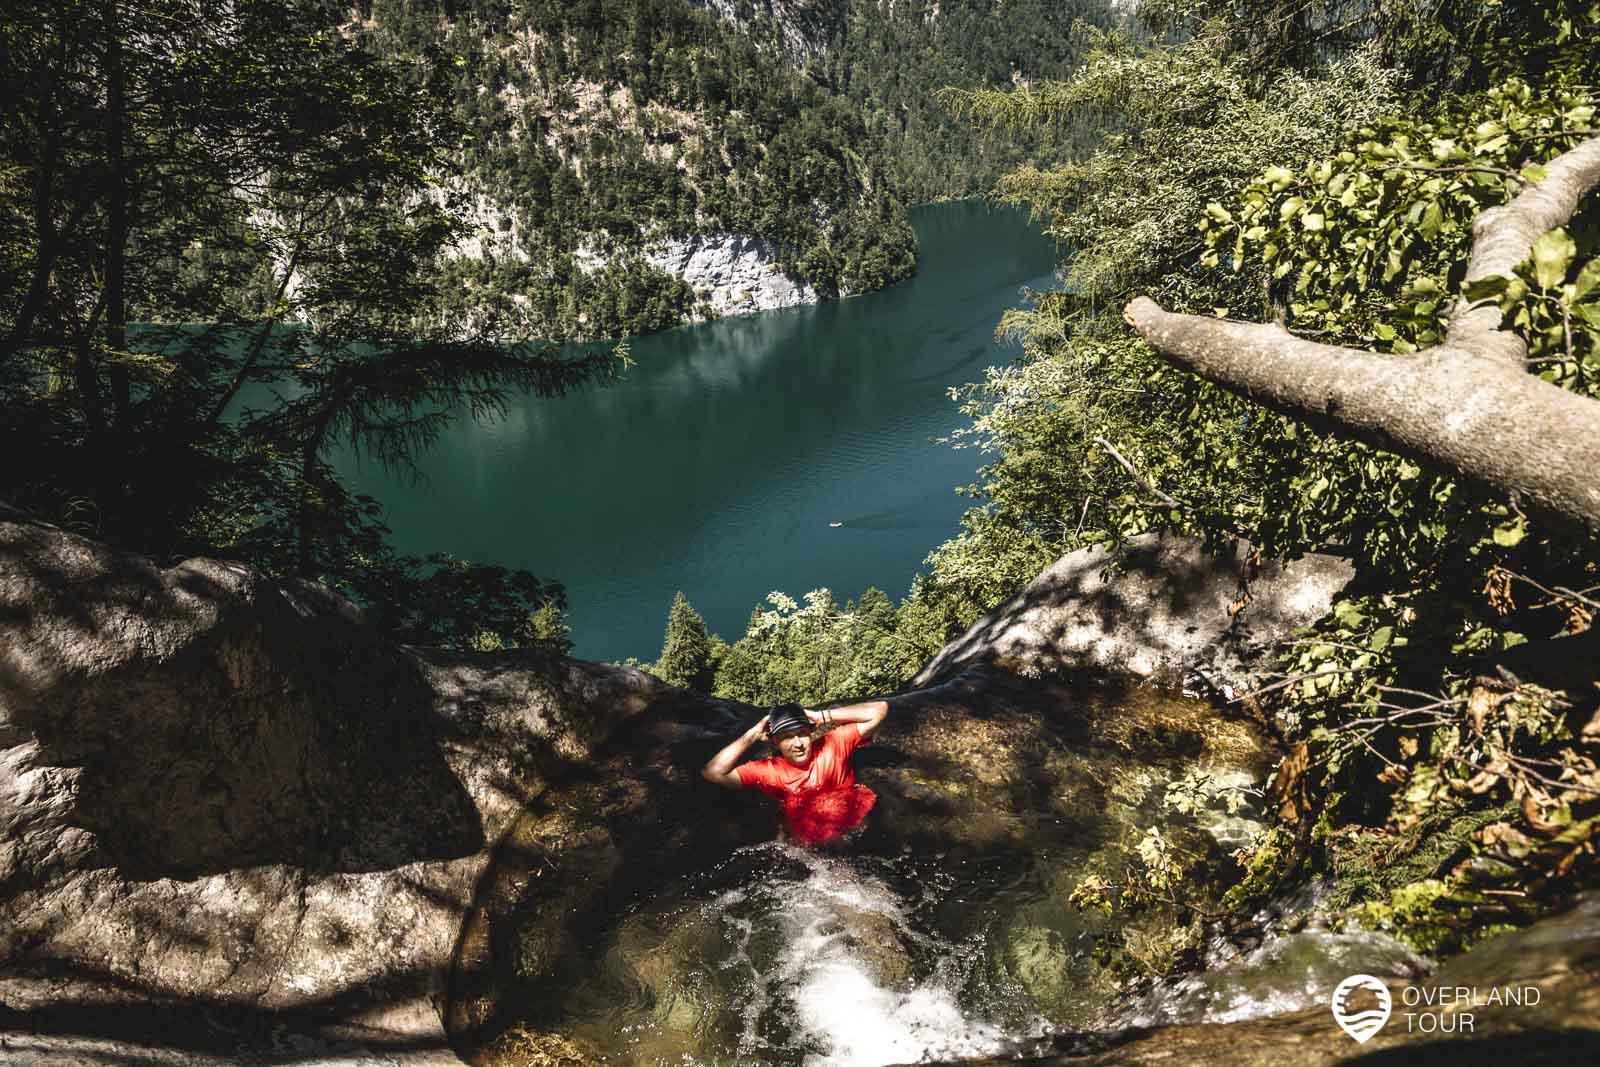 Das Ziel der Wanderung - der Naturpool am Königssee